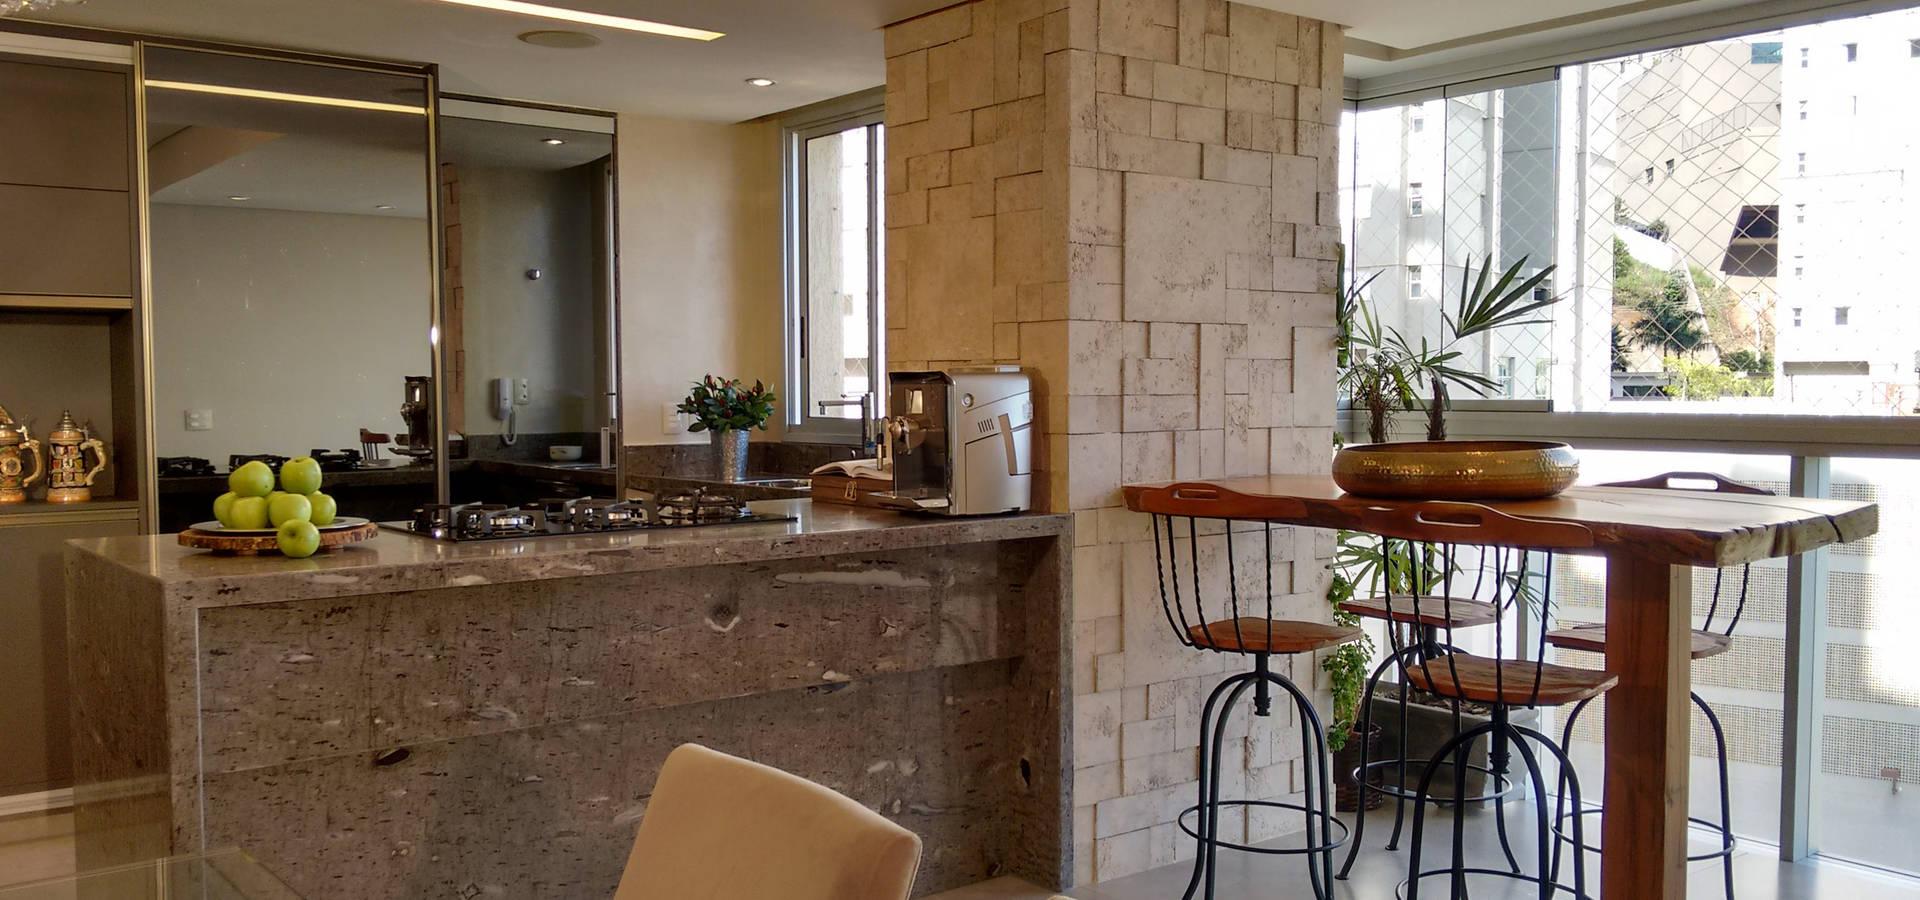 Cozinha Americana E Salas Integradas Varanda De Designare